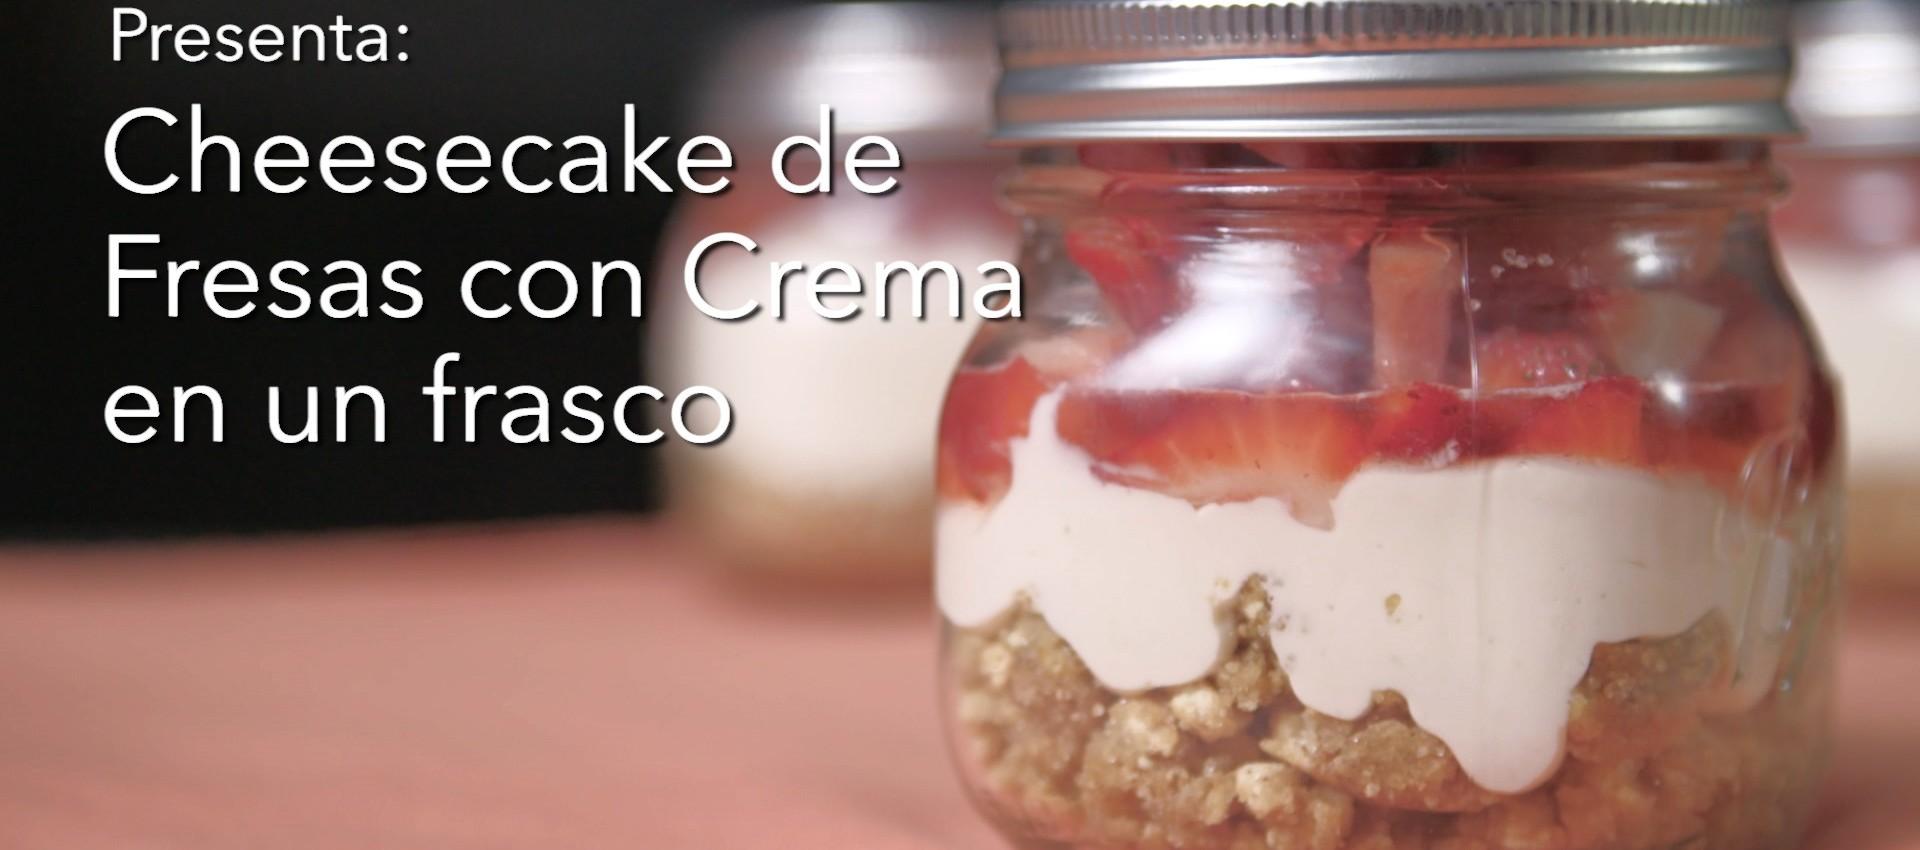 Imagen de Cheesecake de fresas con crema en un frasco